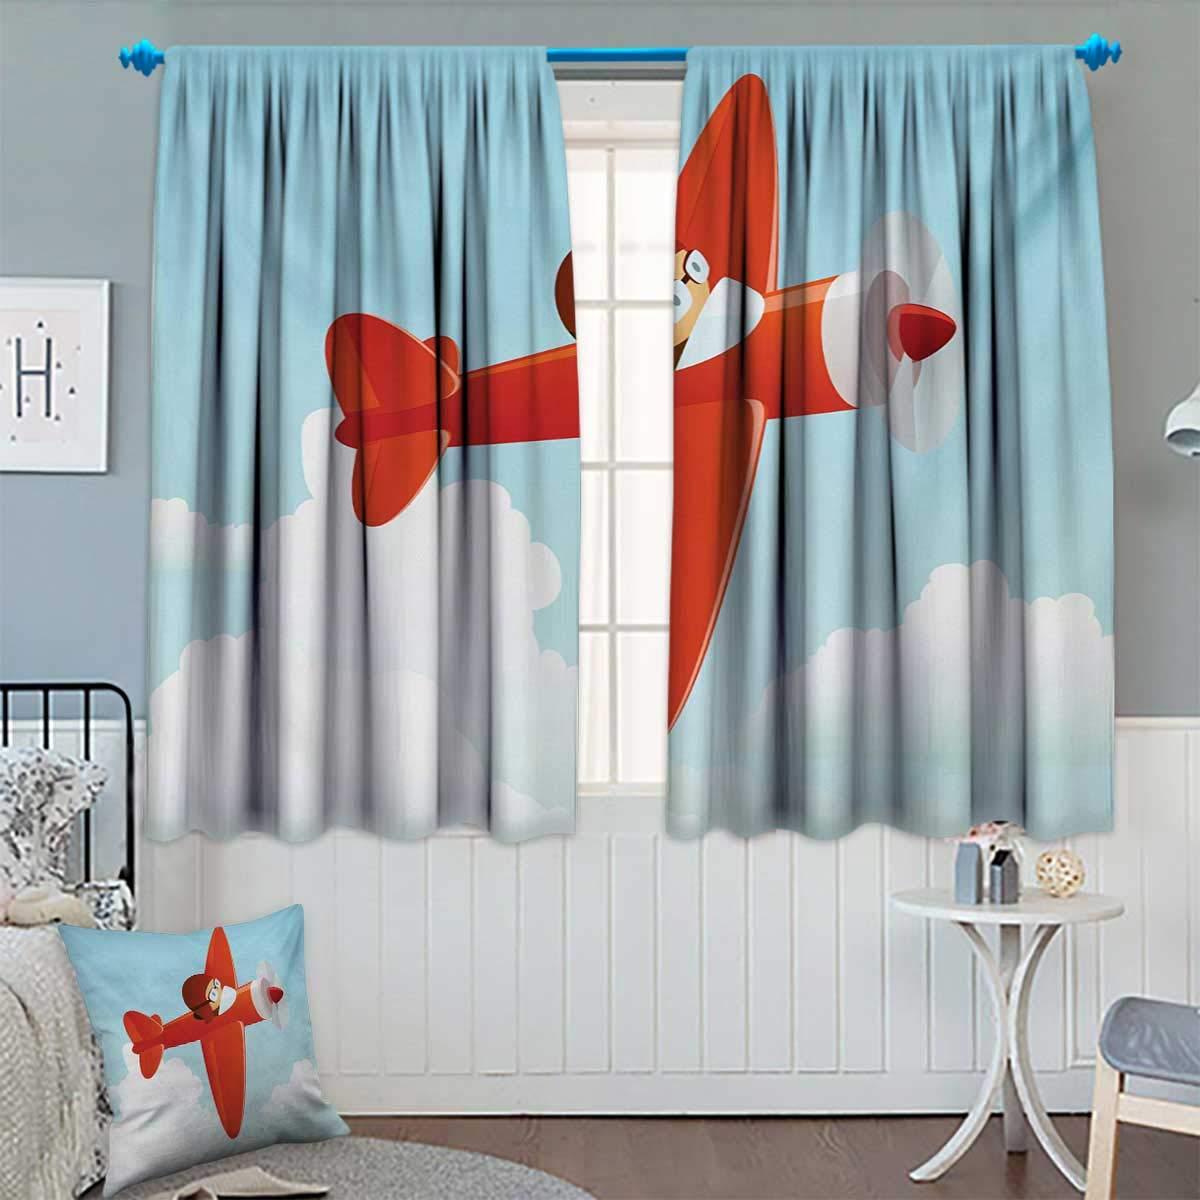 Amazon.com: Cortina de ventana para niños con diseño de ...